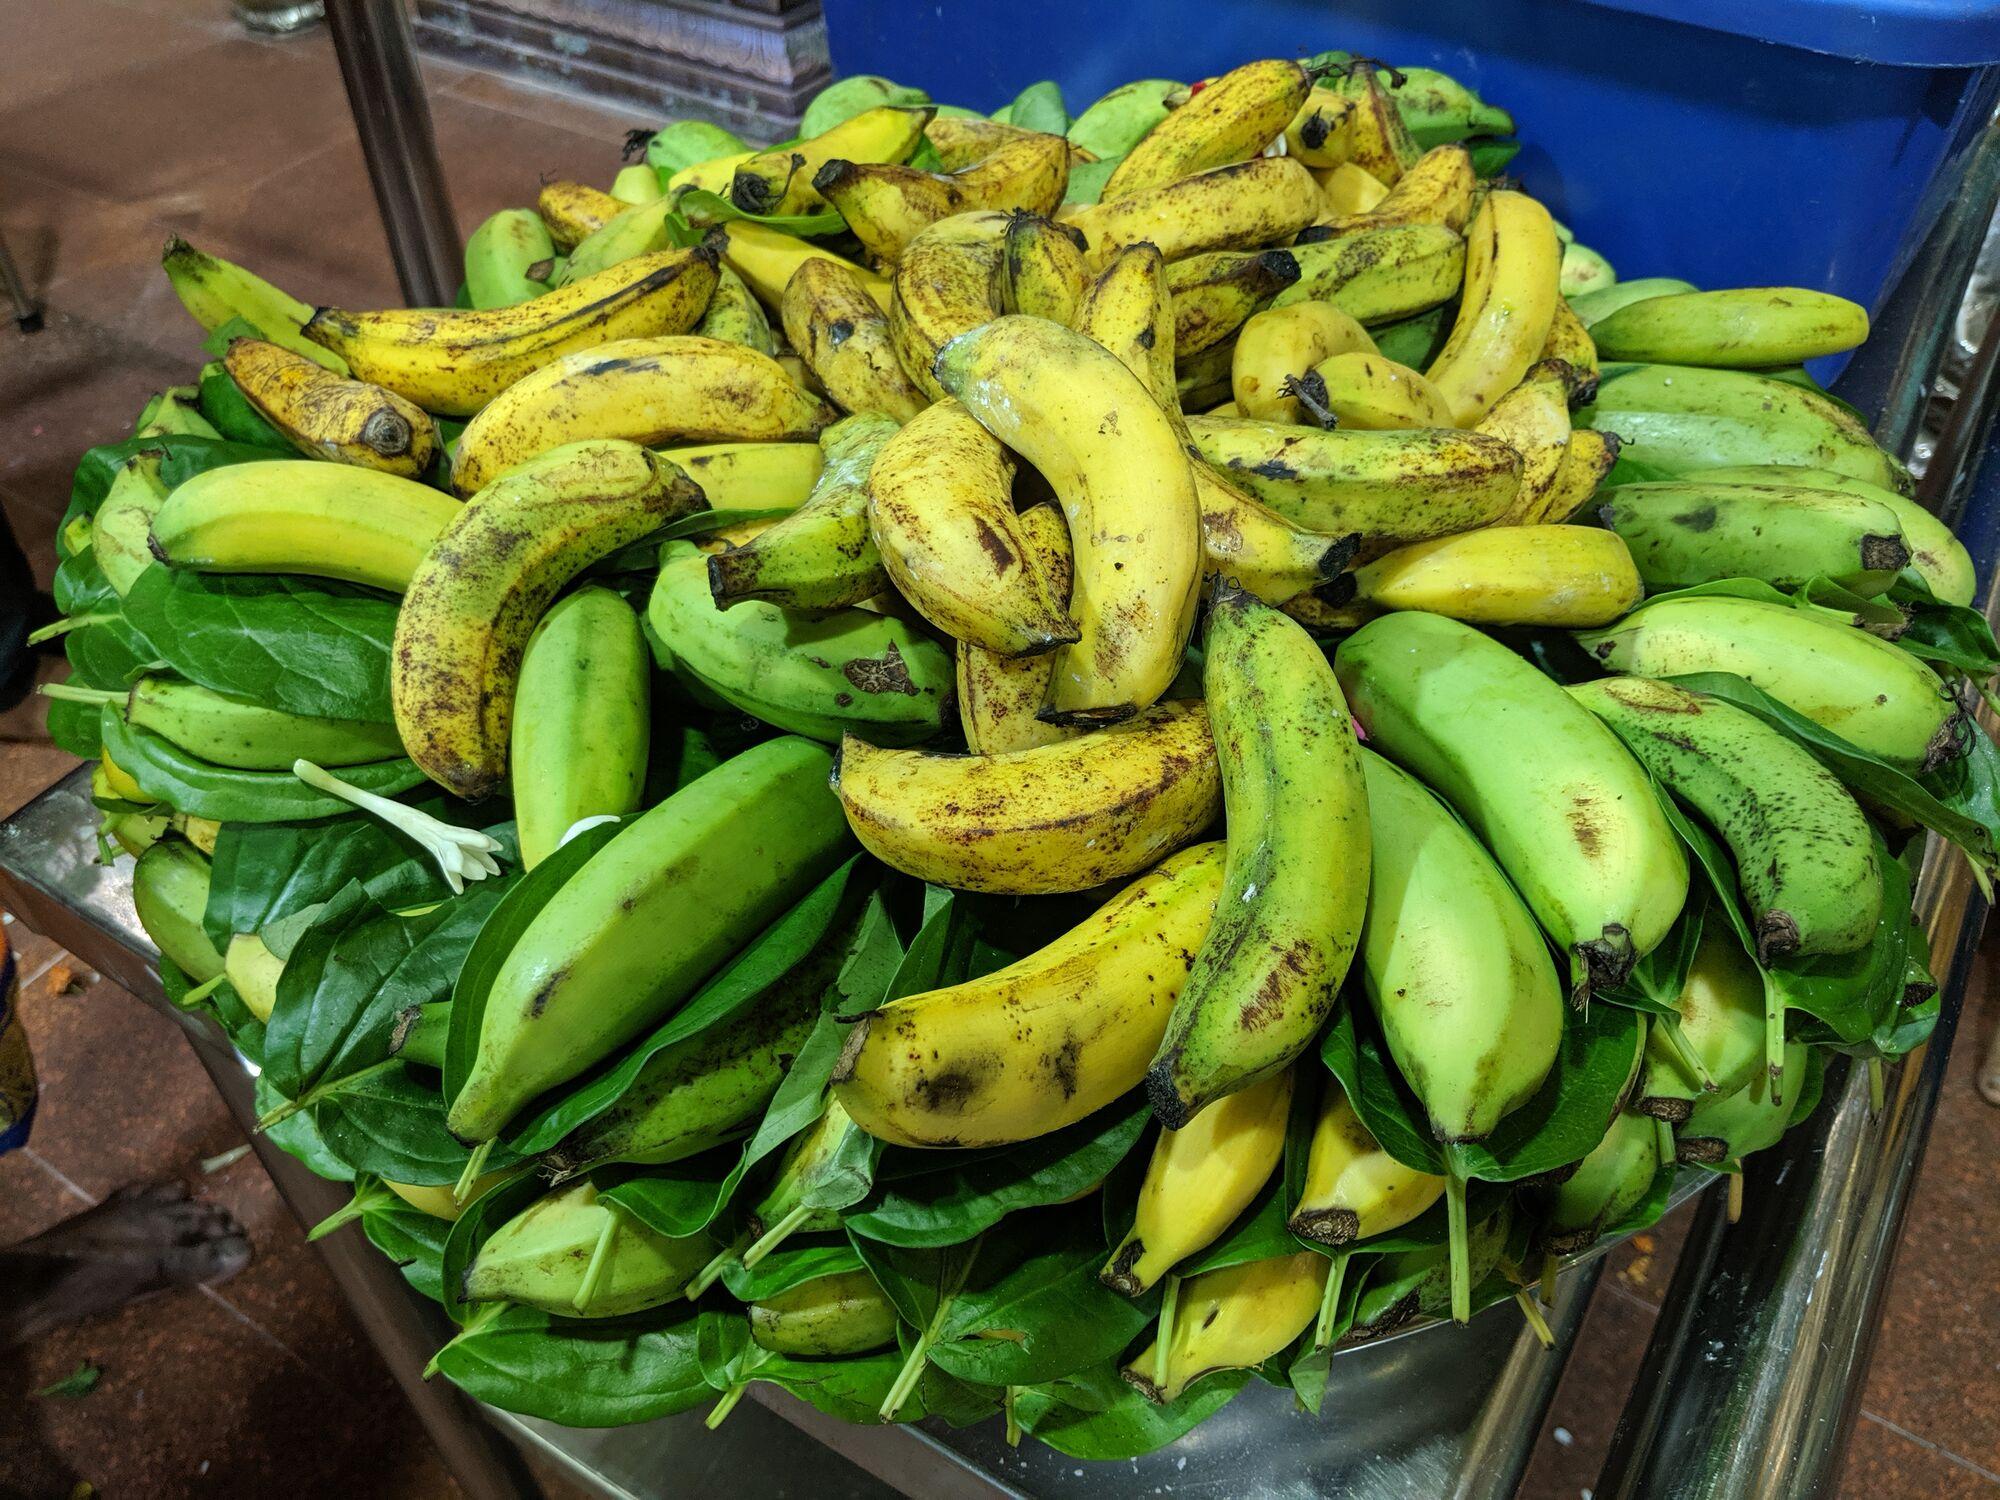 பழம், வெத்தலை - என்ன அழகான அடுக்கு!! #fruit_decoration #bettle_leaf #temple_offerings